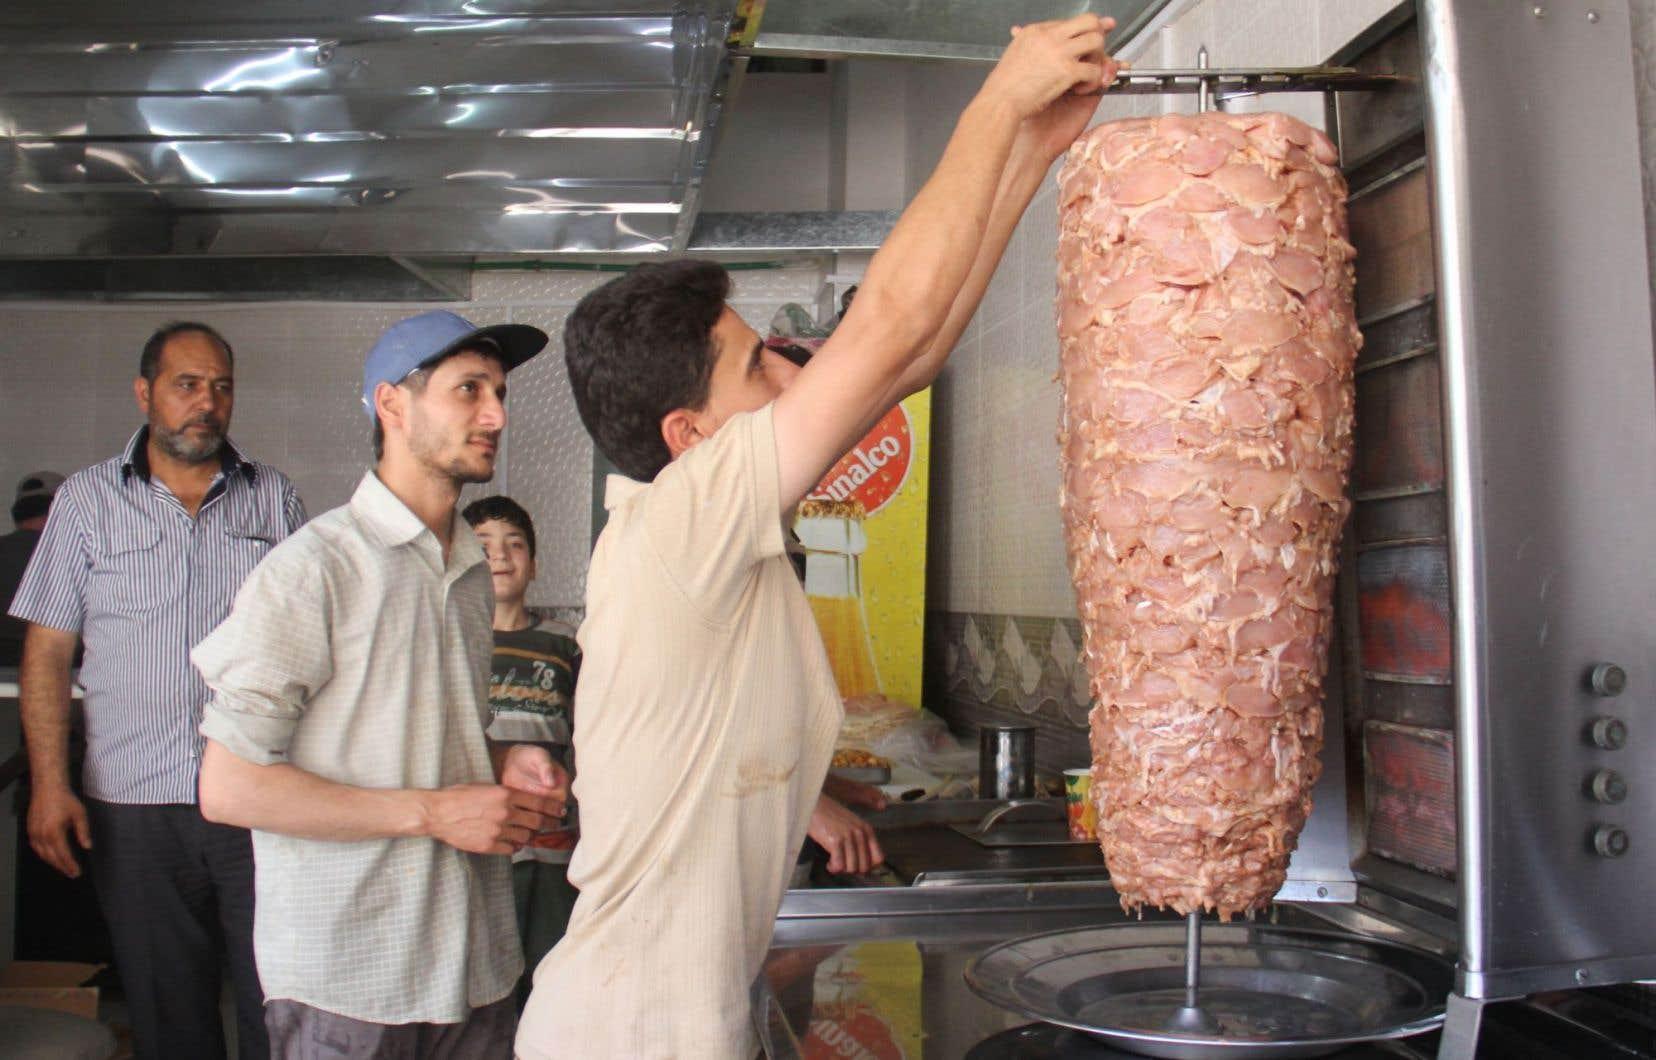 Un Syrien travaille au restaurant Sultan Daraya dans le nord de la ville d'Idlib, contrôlée par les rebelles, en Syrie.